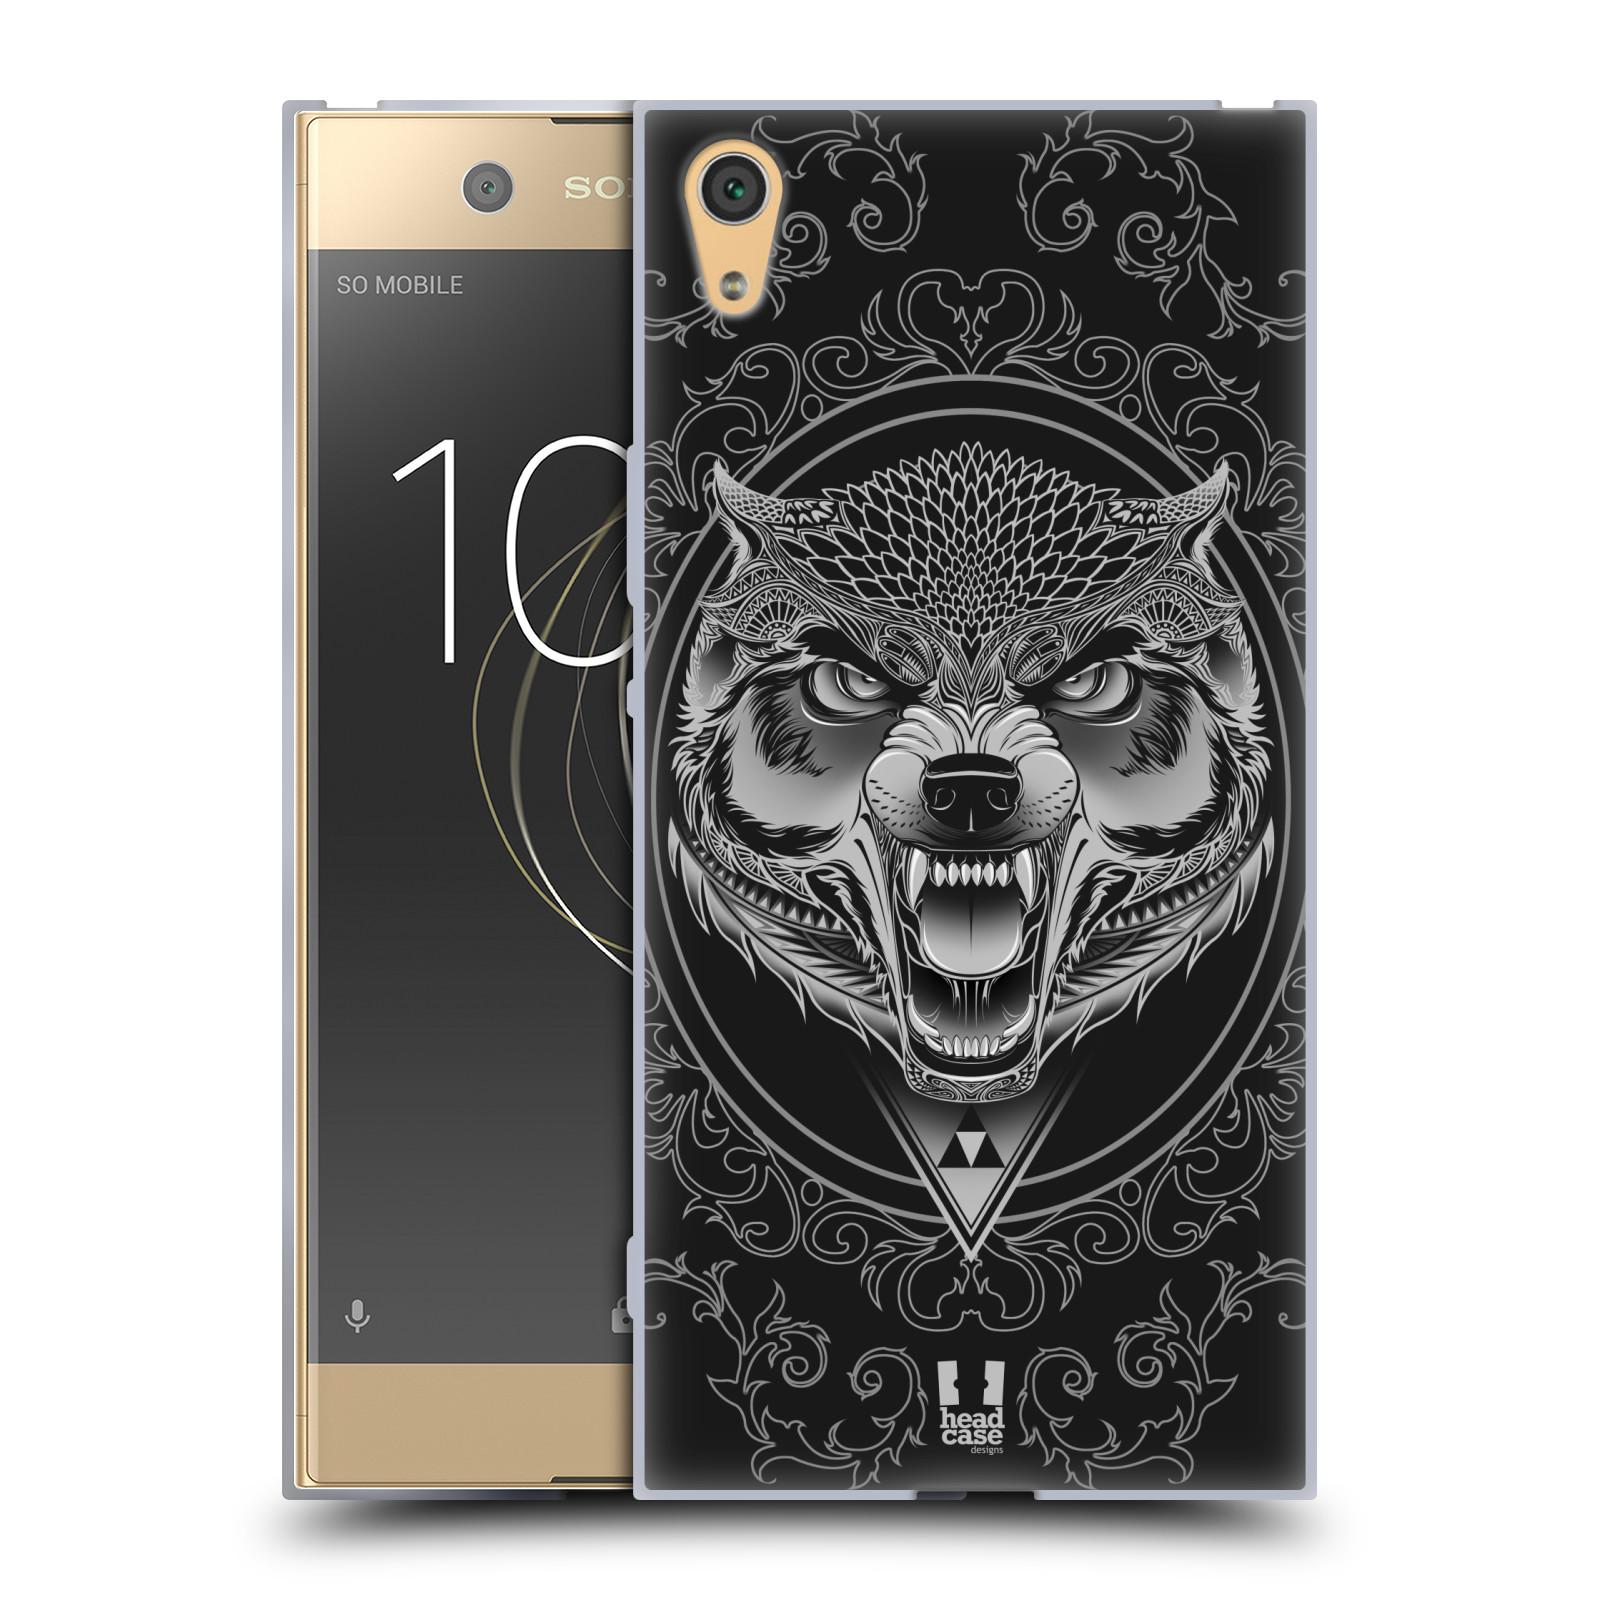 Silikonové pouzdro na mobil Sony Xperia XA1 Ultra - Head Case - Krutý vlk (Silikonový kryt či obal na mobilní telefon Sony Xperia XA1 Ultra G3221 s motivem Krutý vlk)